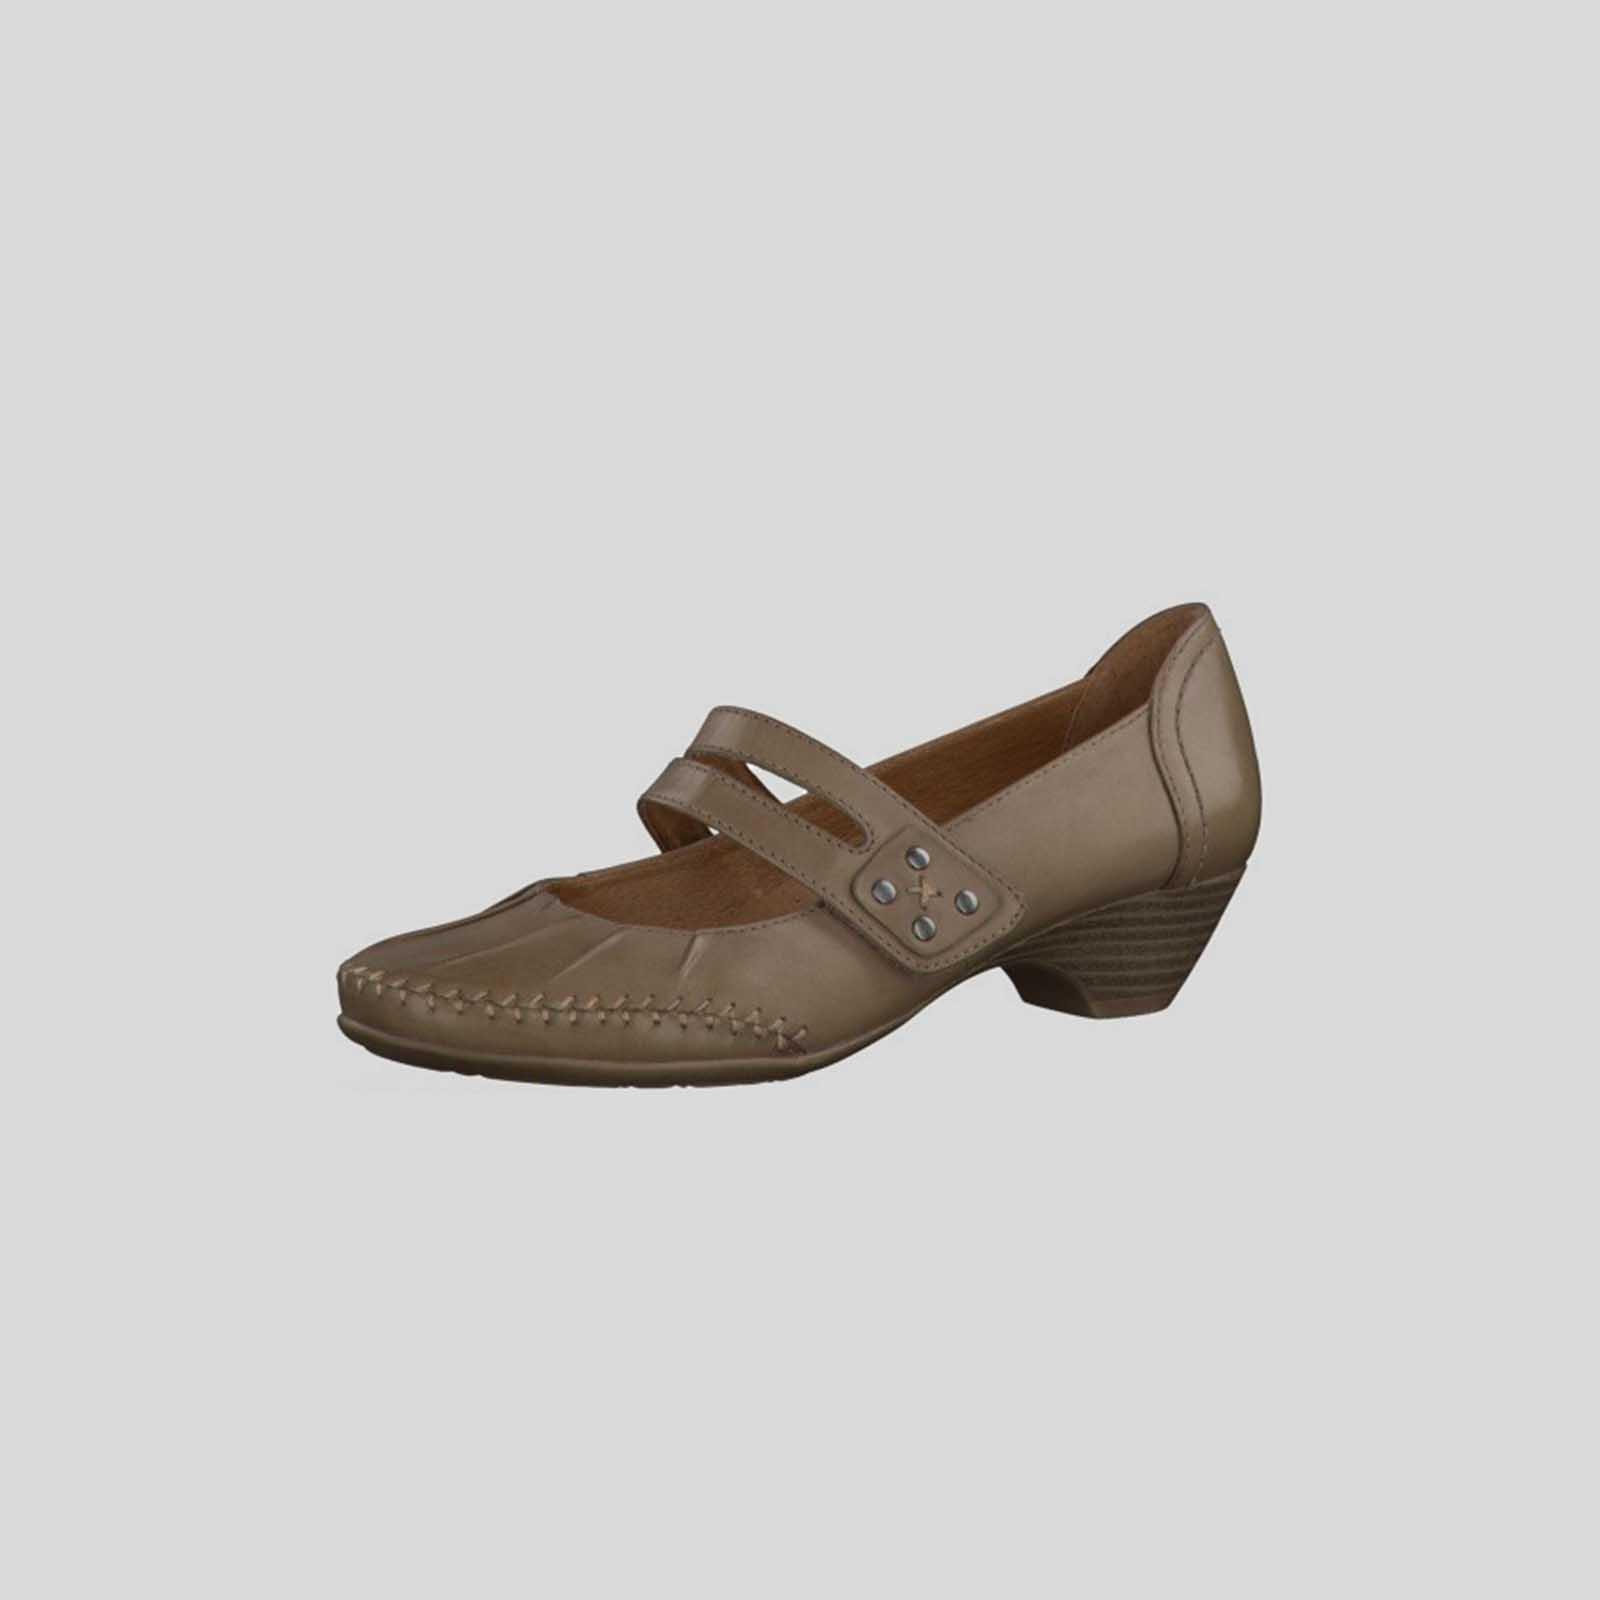 Туфли женские из натуральной кожи украшенные строчкой с оригинальным ремешком